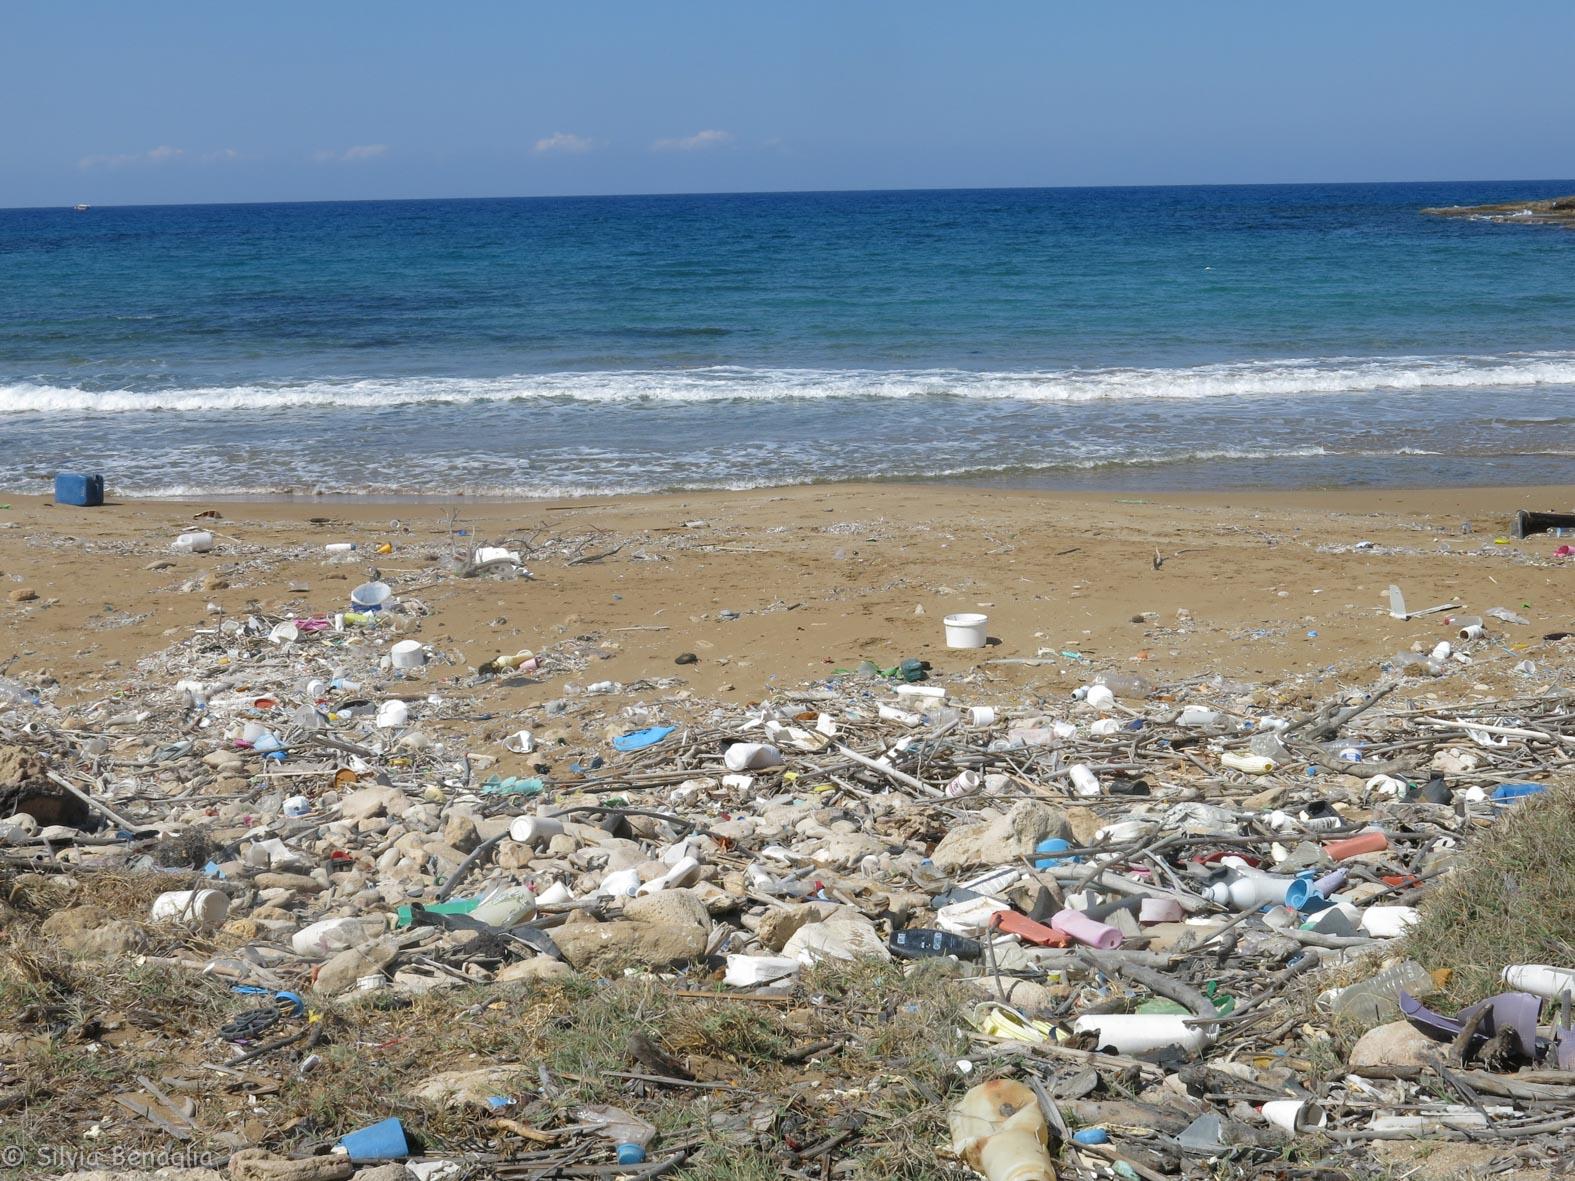 VI-tappa-penisola-di-Karpaz-inquinamento-da-plastica